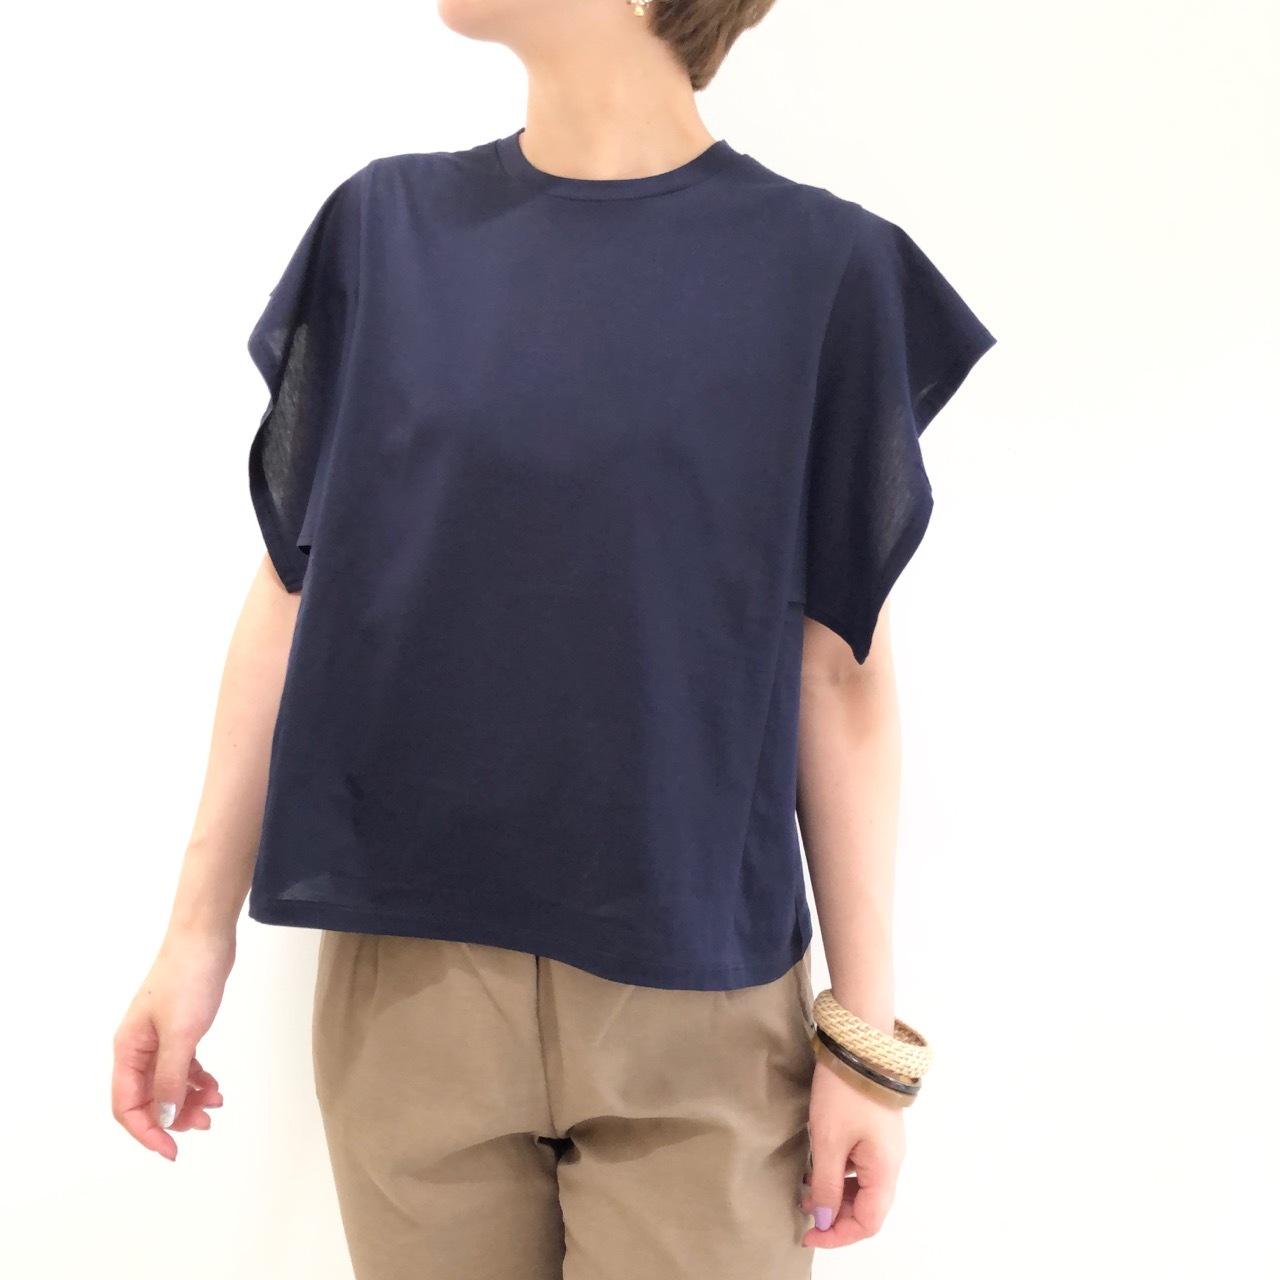 【 Valance Select 】- SP-CT9211 - フリルスリーブTeeシャツ